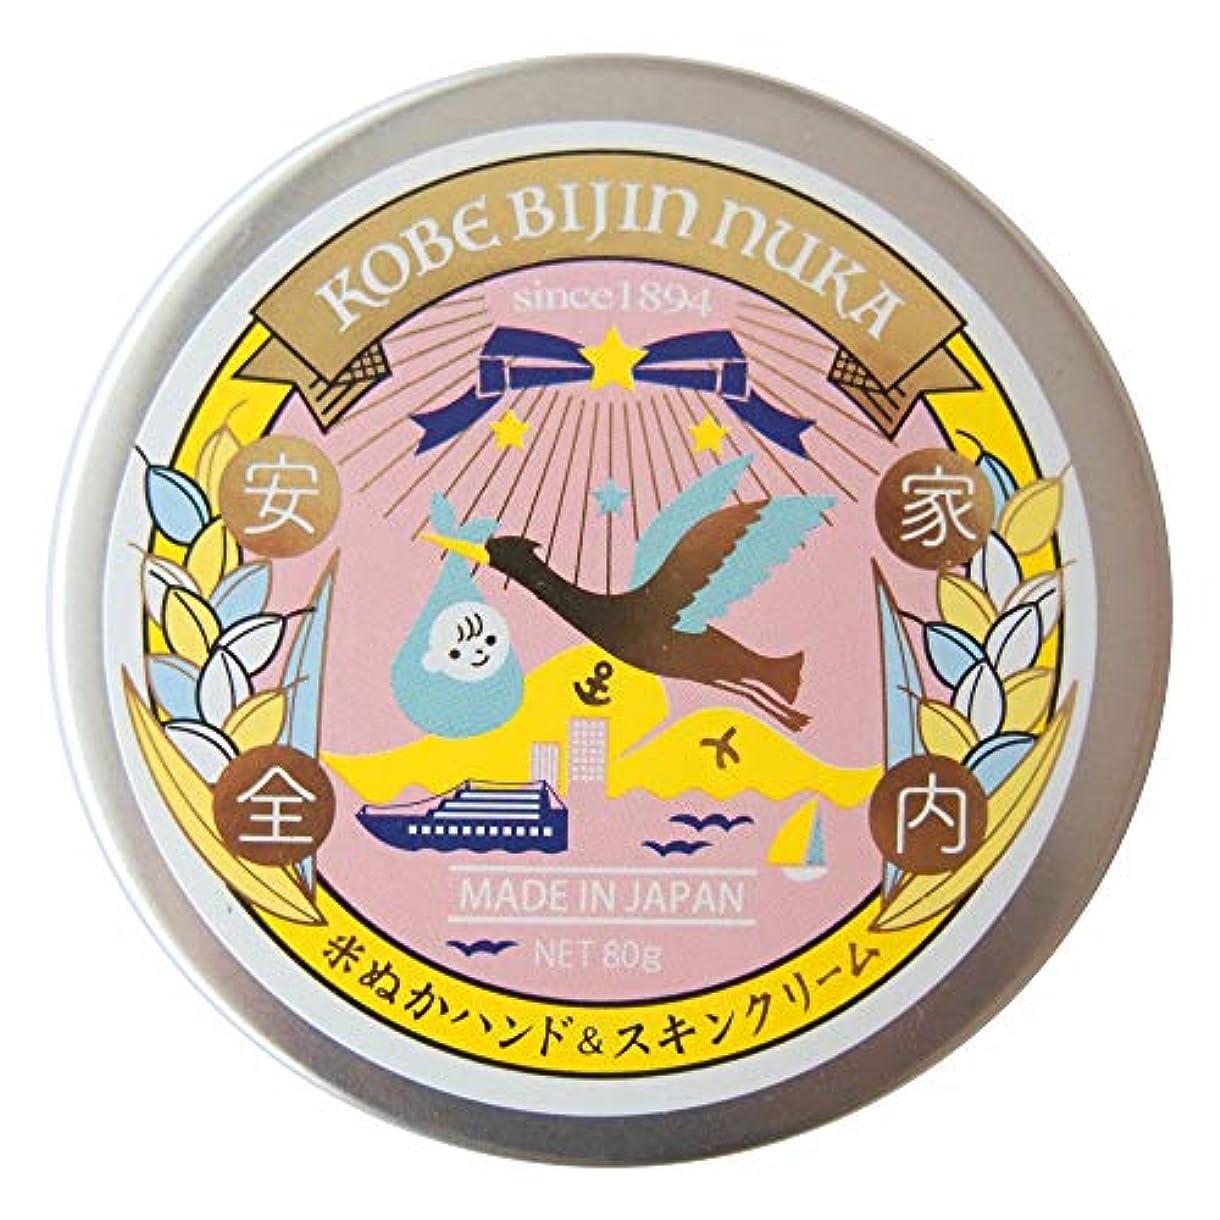 環境やろう下に向けます神戸美人ぬか 米ぬかハンド&スキンクリーム(家内安全)【無香料】 80g